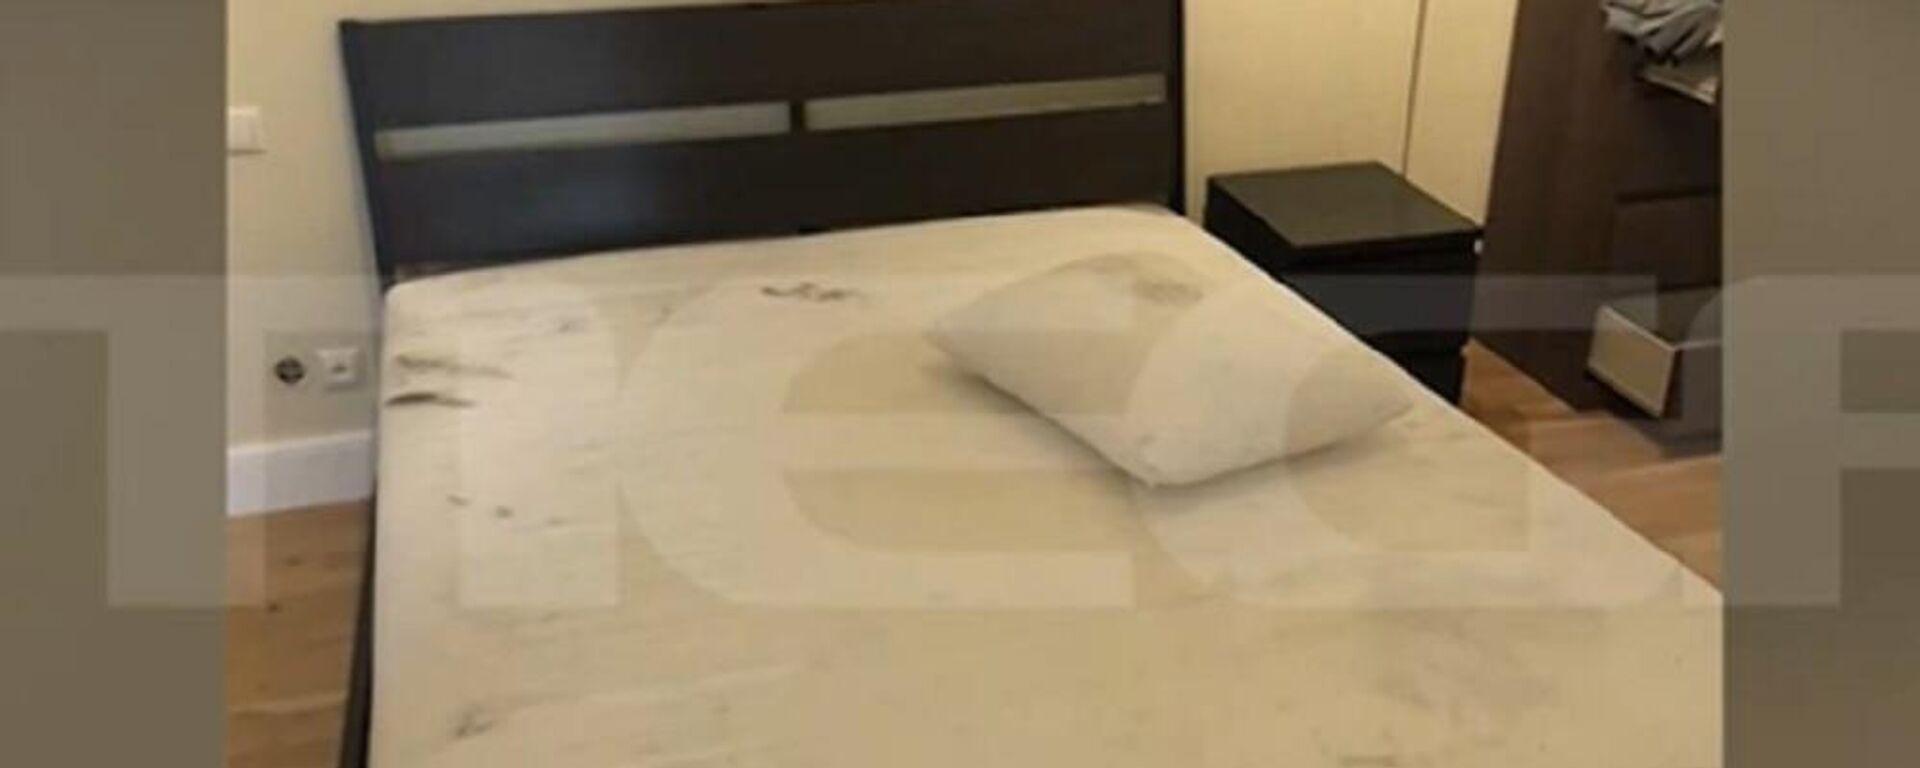 Το κρεβάτι όπου ο πιλότος δολοφόνησε την Καρολάιν στα Γλυκά Νερά - Sputnik Ελλάδα, 1920, 27.09.2021